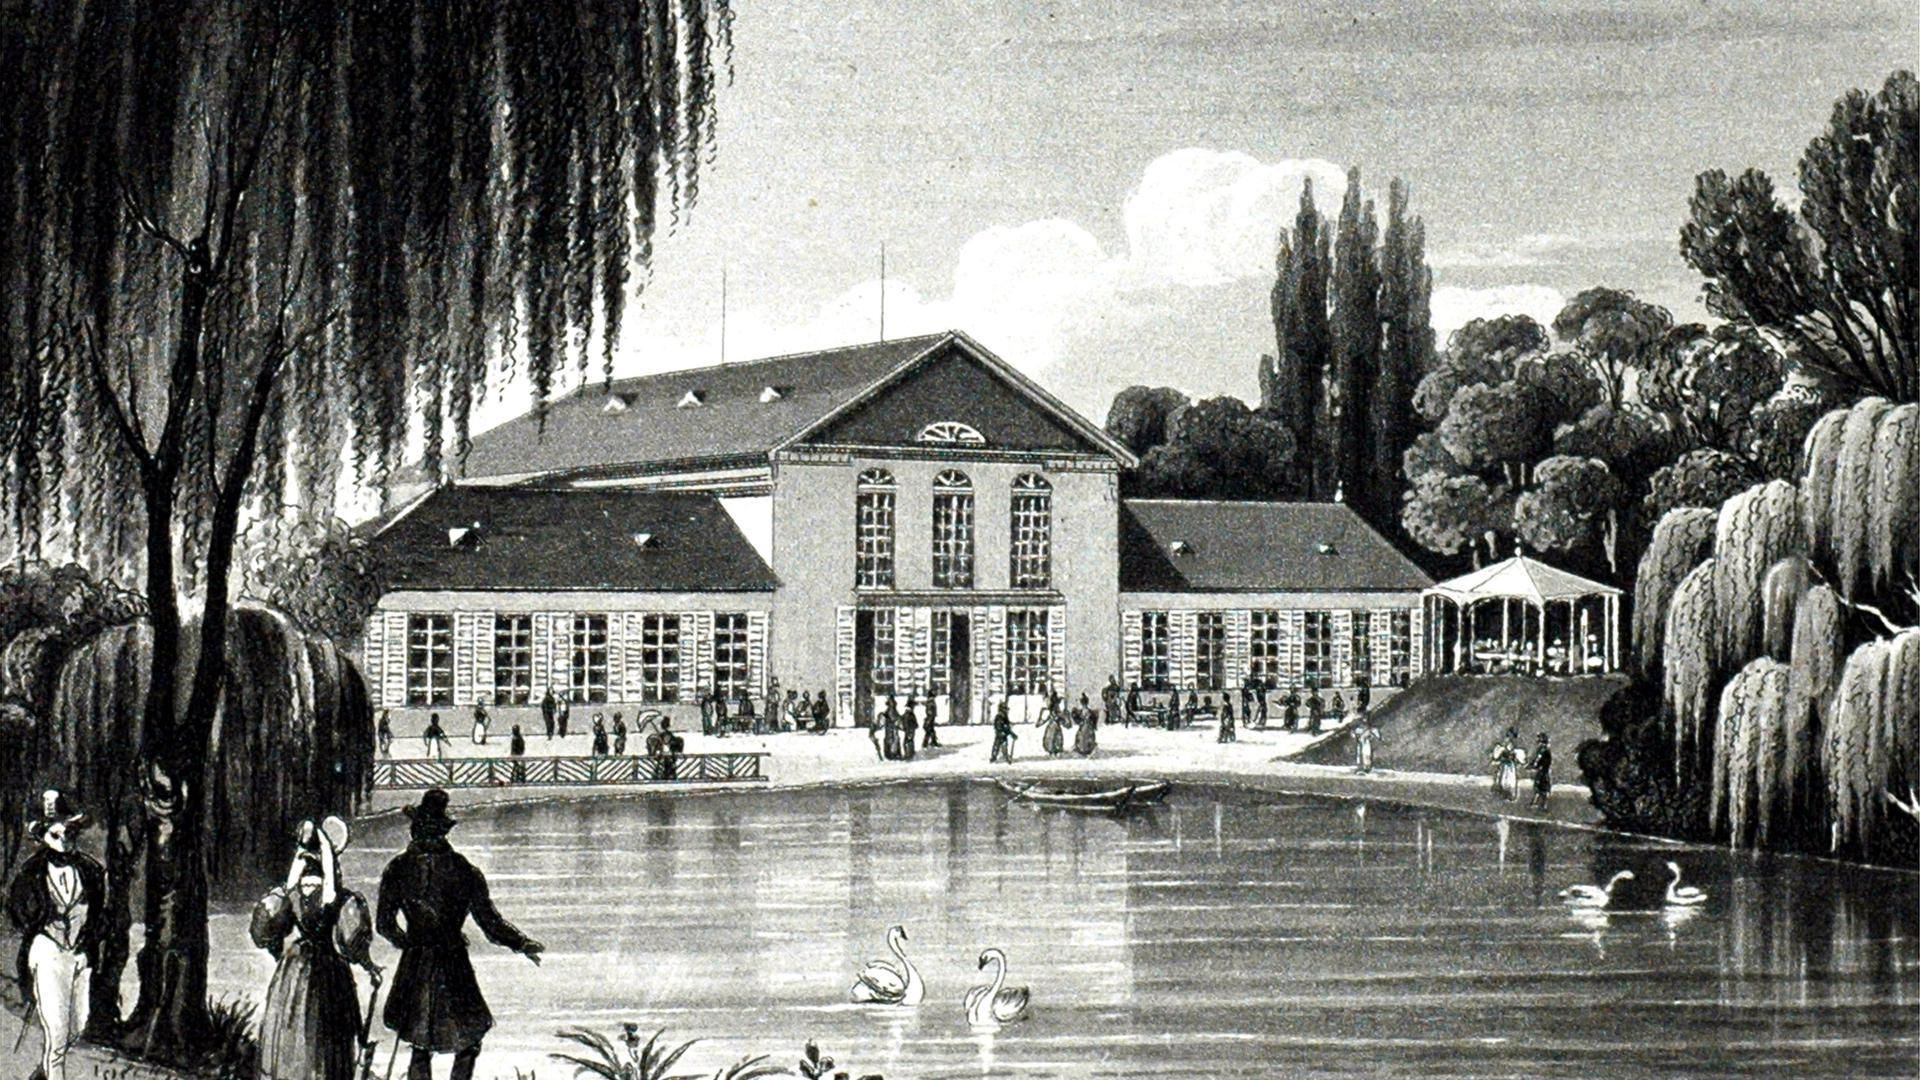 Kurhaus von Christian Zais, Rückseite, Aquatinta, gez. von Jakok Fürchtegott Dielmann, gestochen von Martens, um 1850